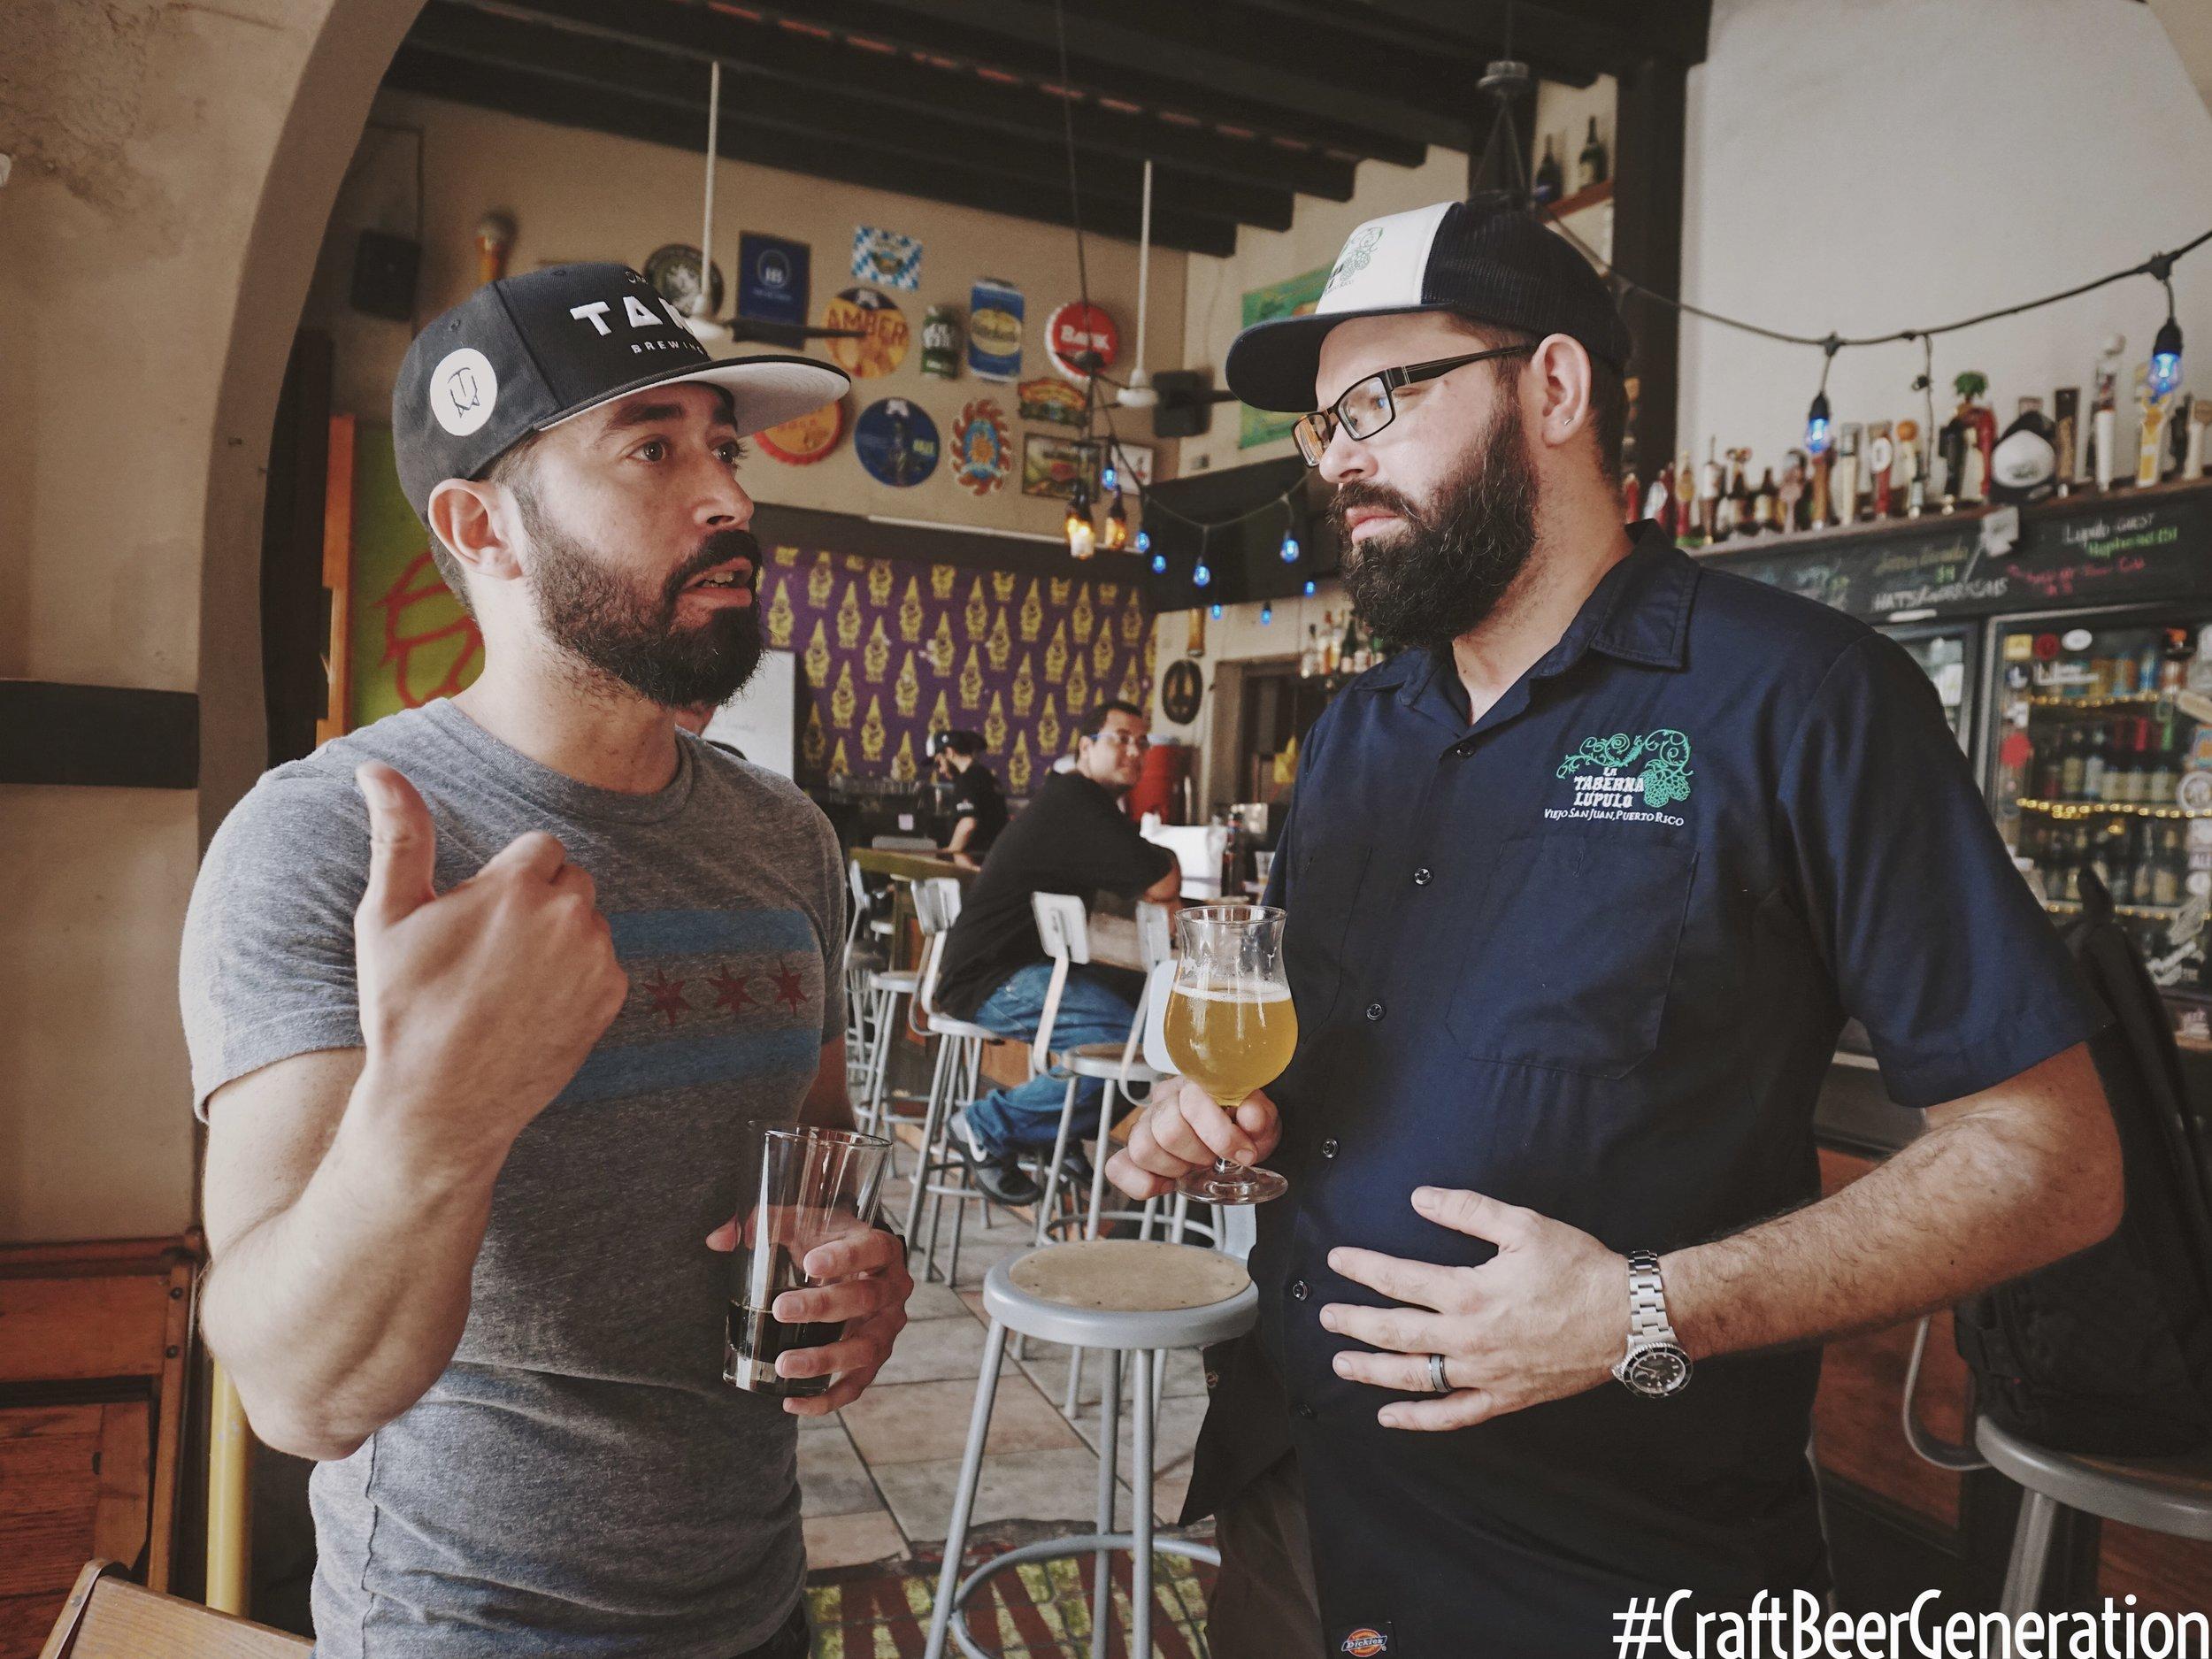 Deizquierda a derecha: Gustavo Franceschini de Craft Beer Generation y Jake Liman, Dueño de La Taberna Lúpulo.